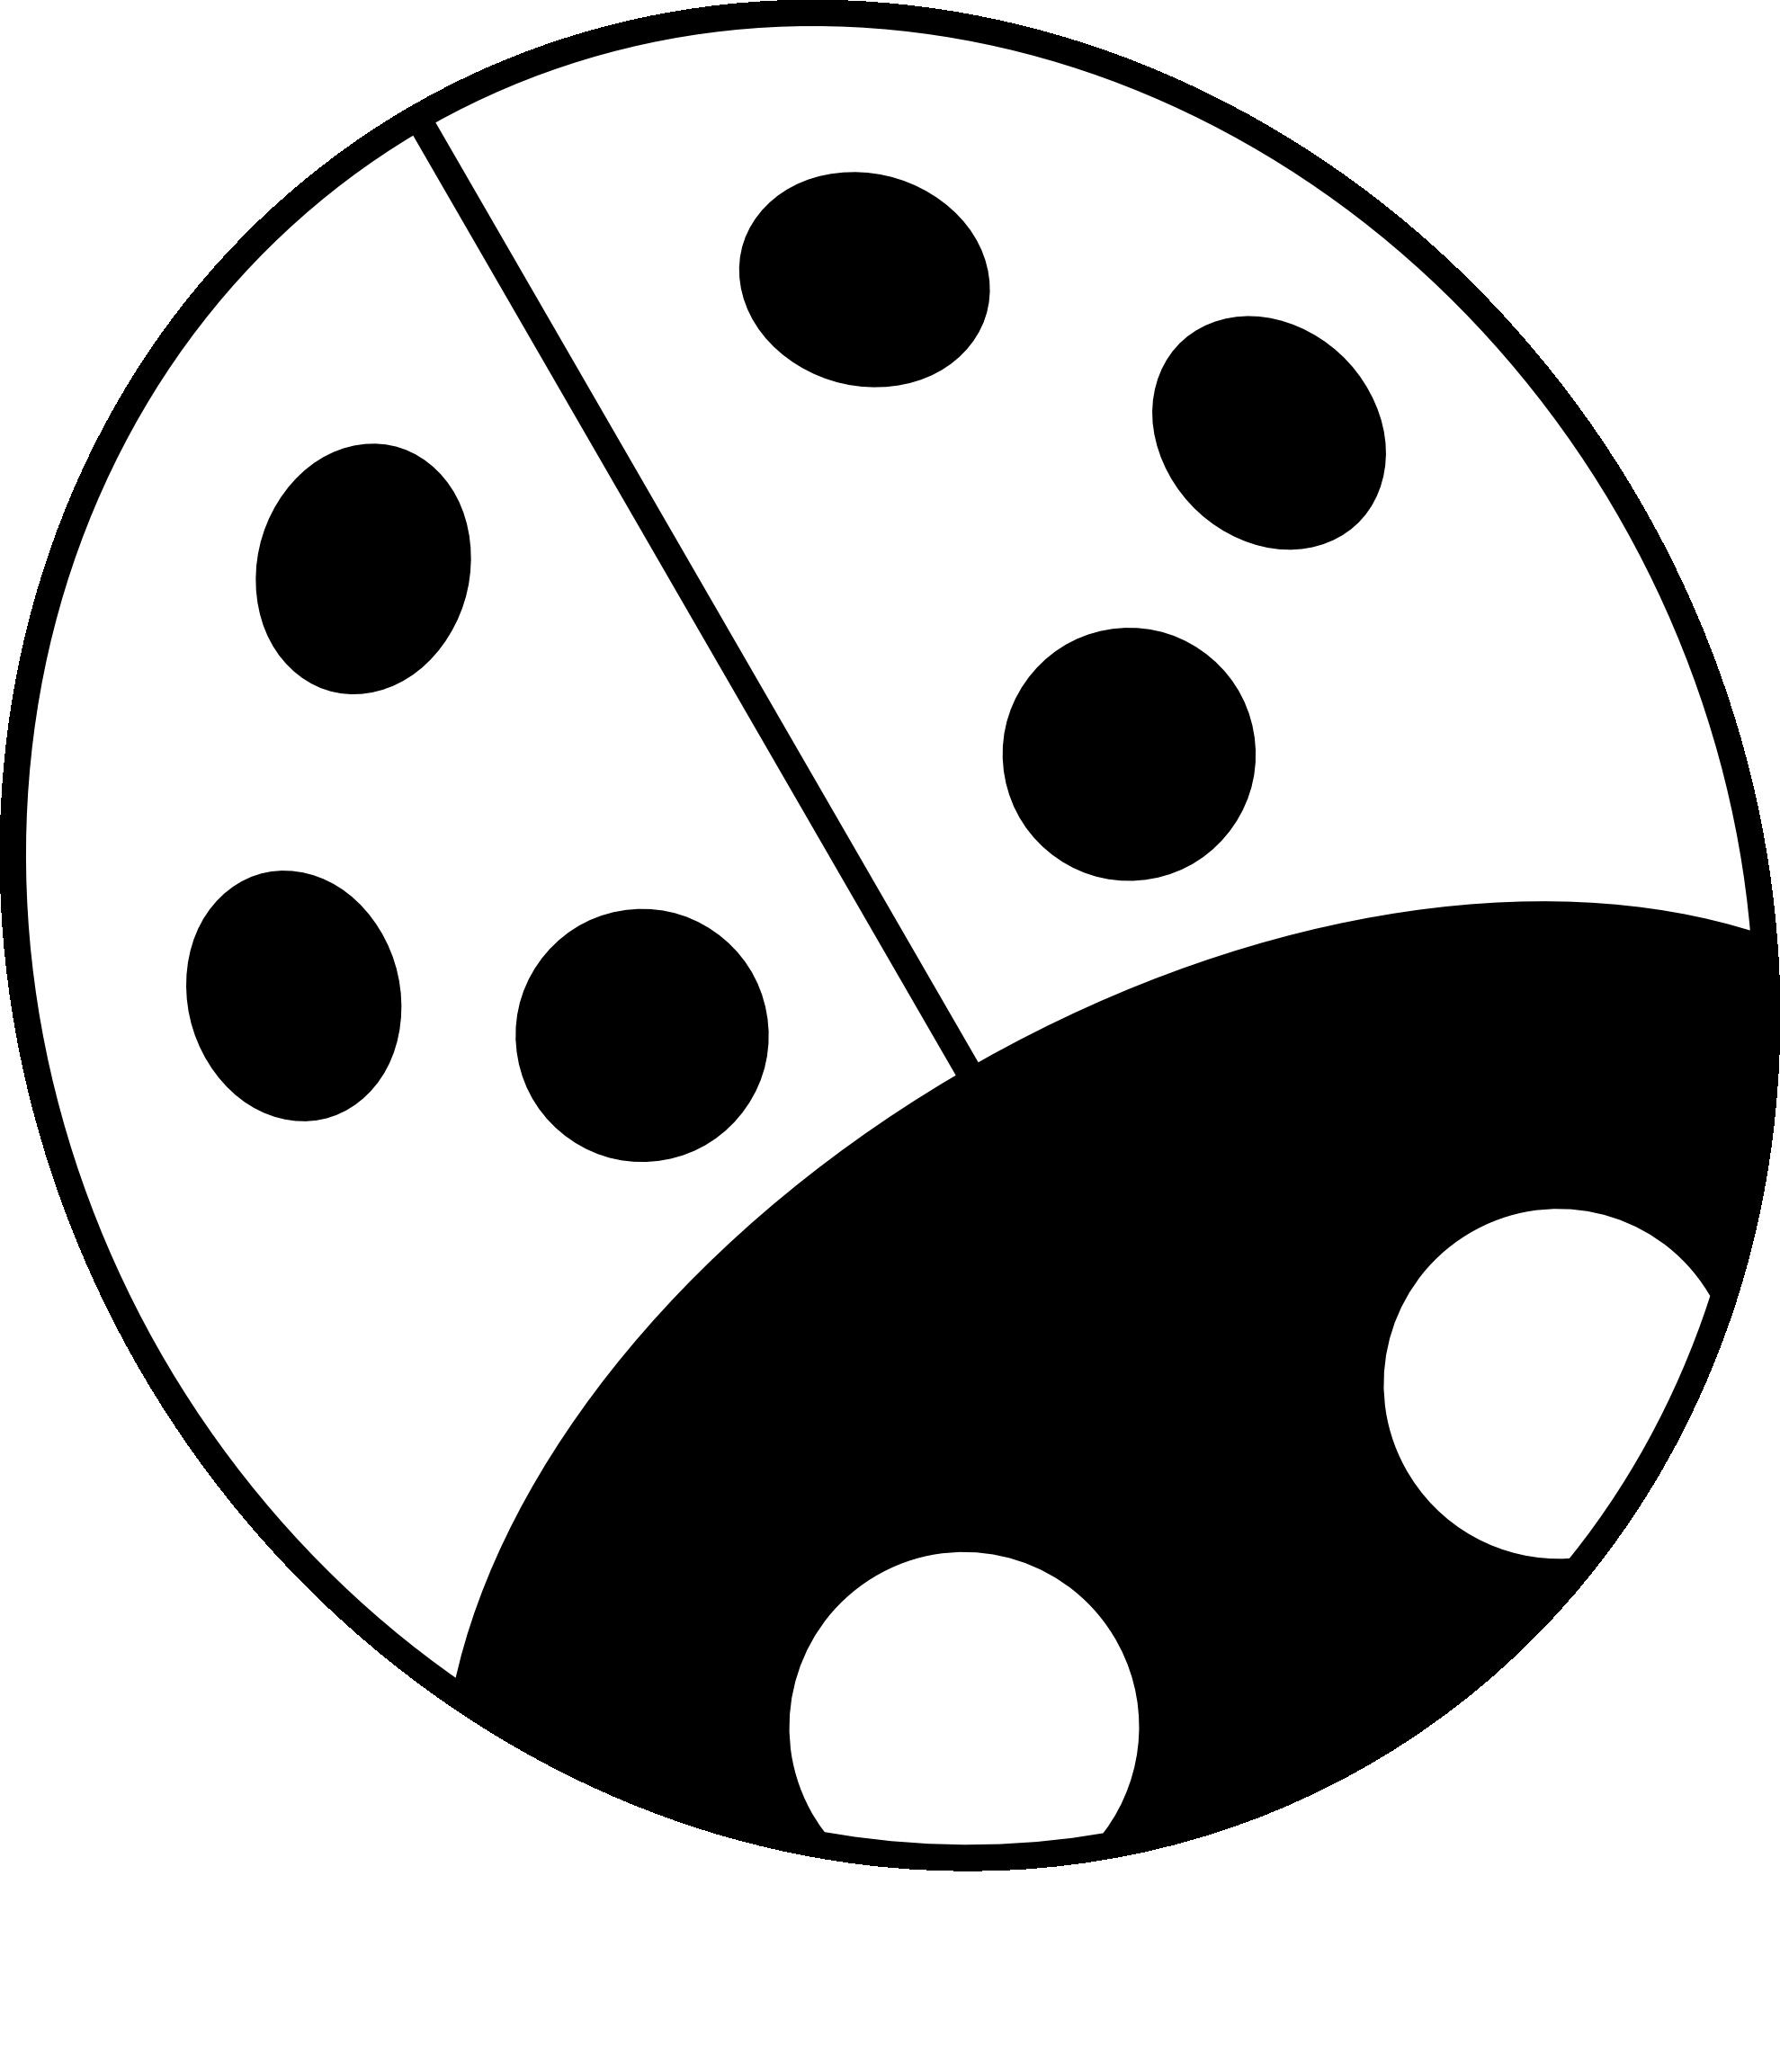 Ladybug clipart let's celebrate. Black and white panda